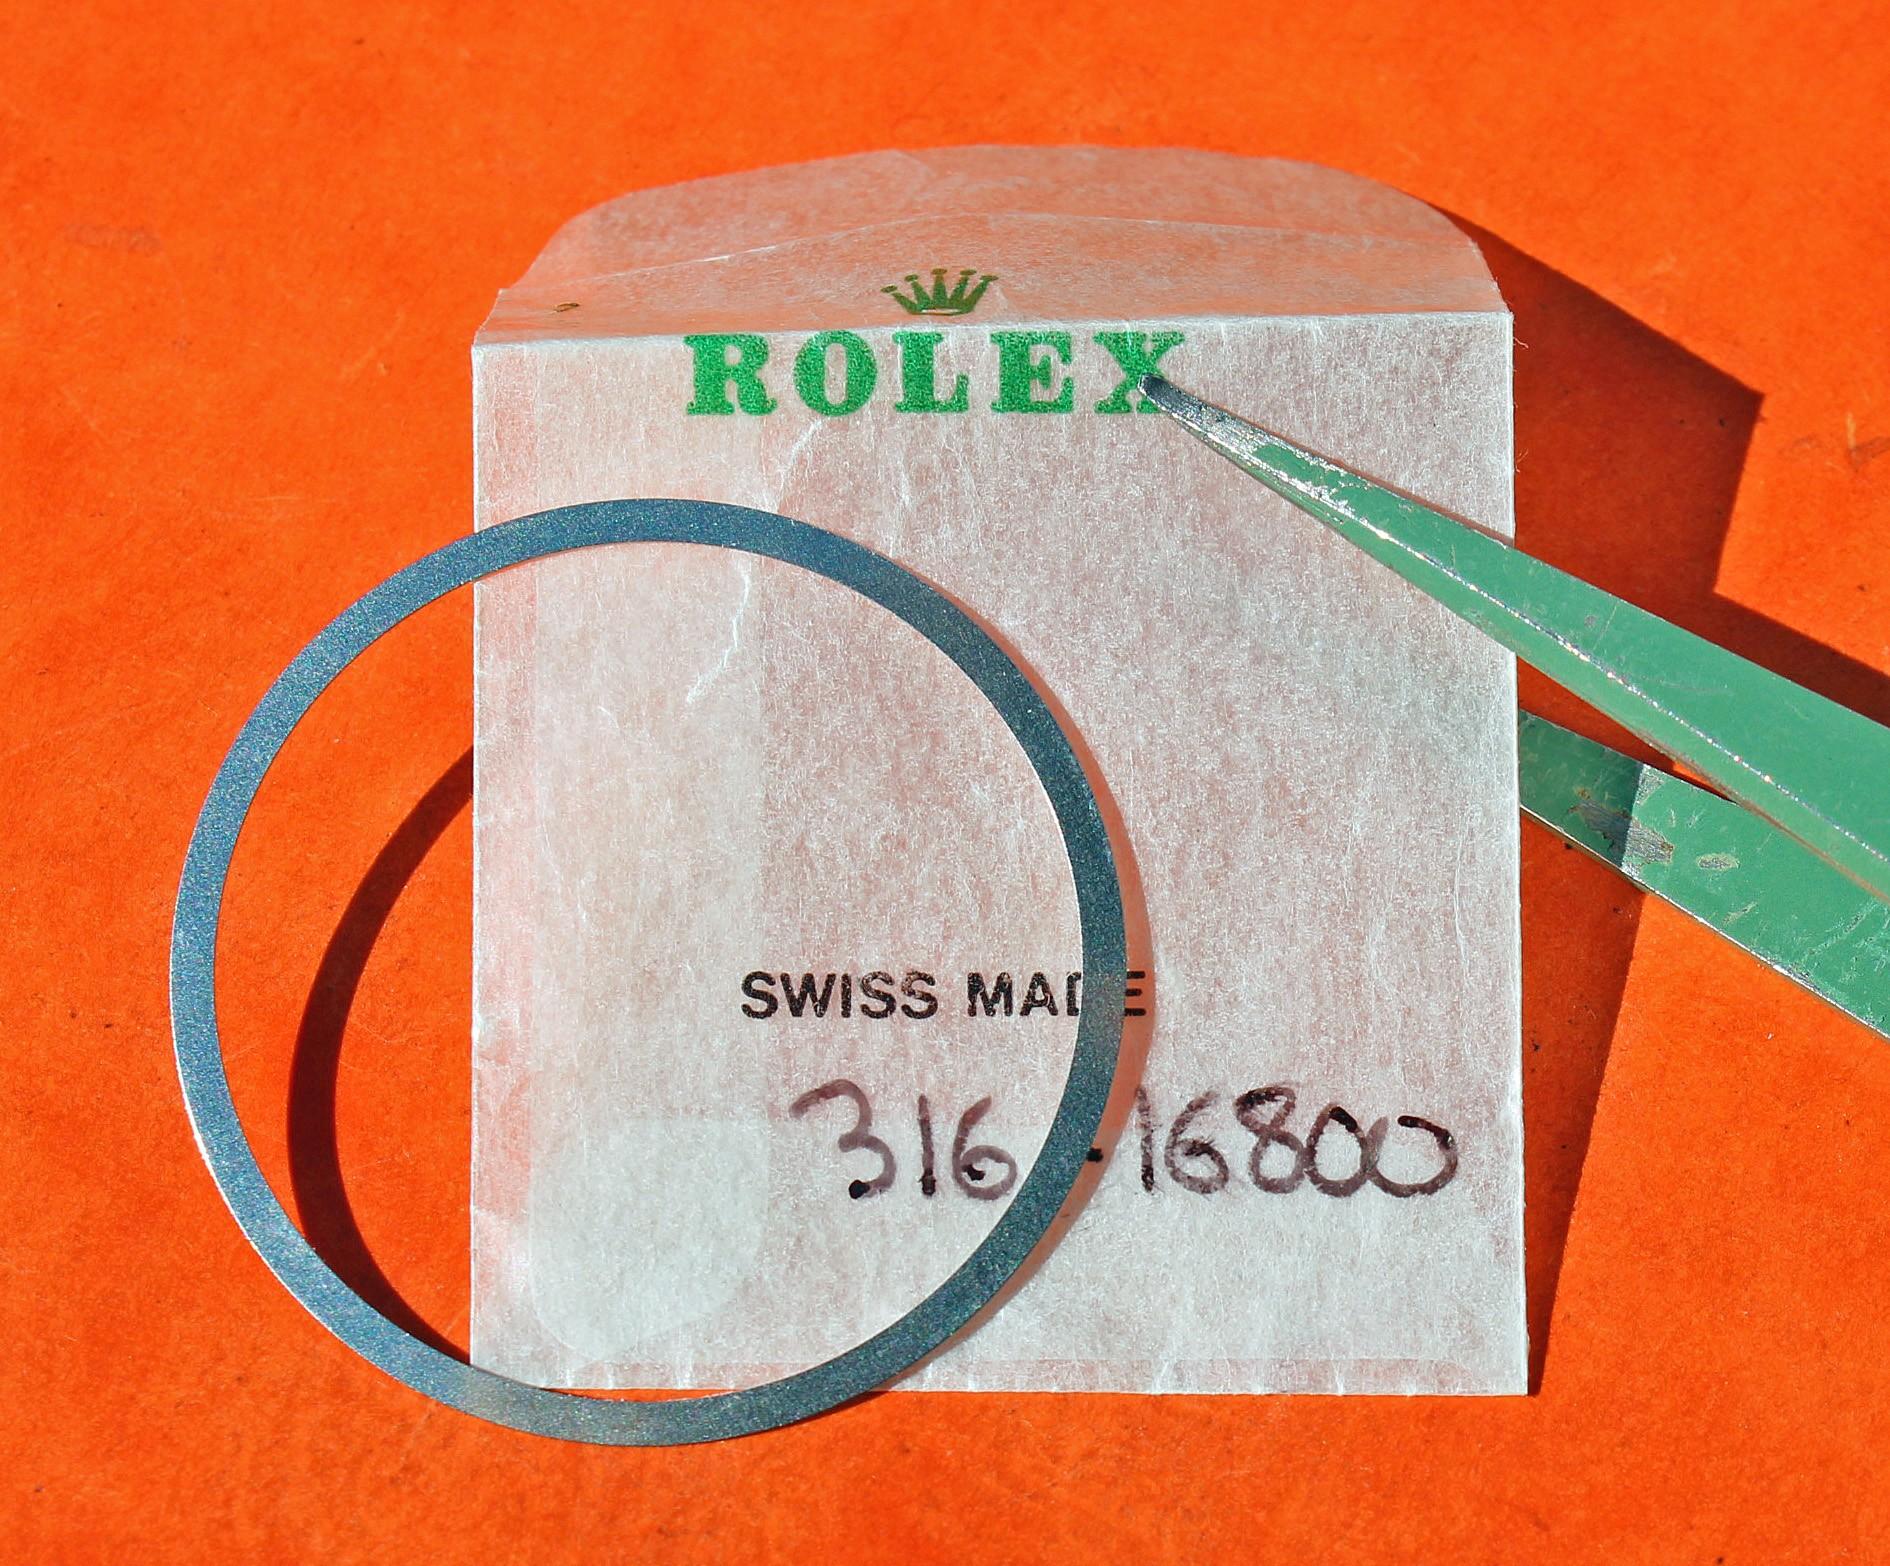 ROLEX SUBMARINER DATE 16800, 168000, 16610, RESSORT DE LUNETTE,TENSION SPRING DISQUE ANODISE DE LUNETTE